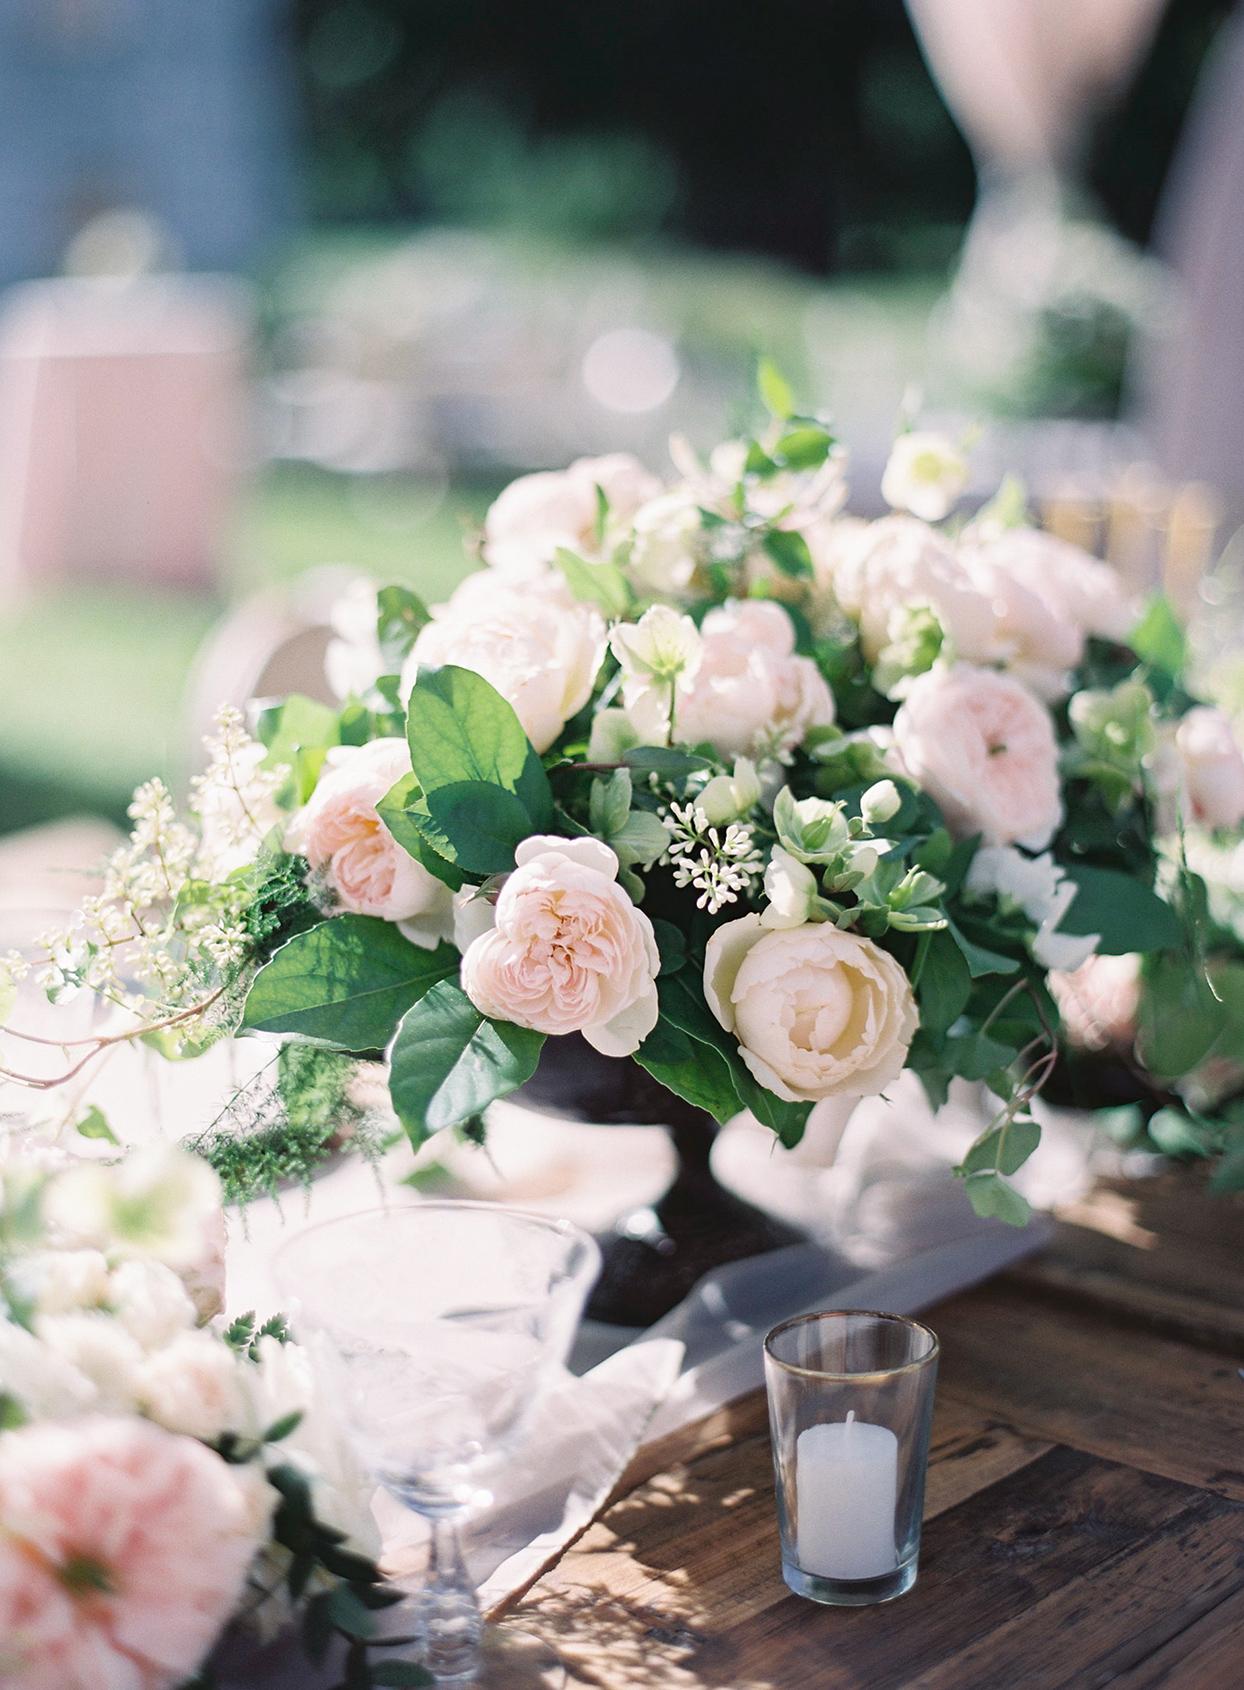 chelsea john pastel pink floral centerpieces